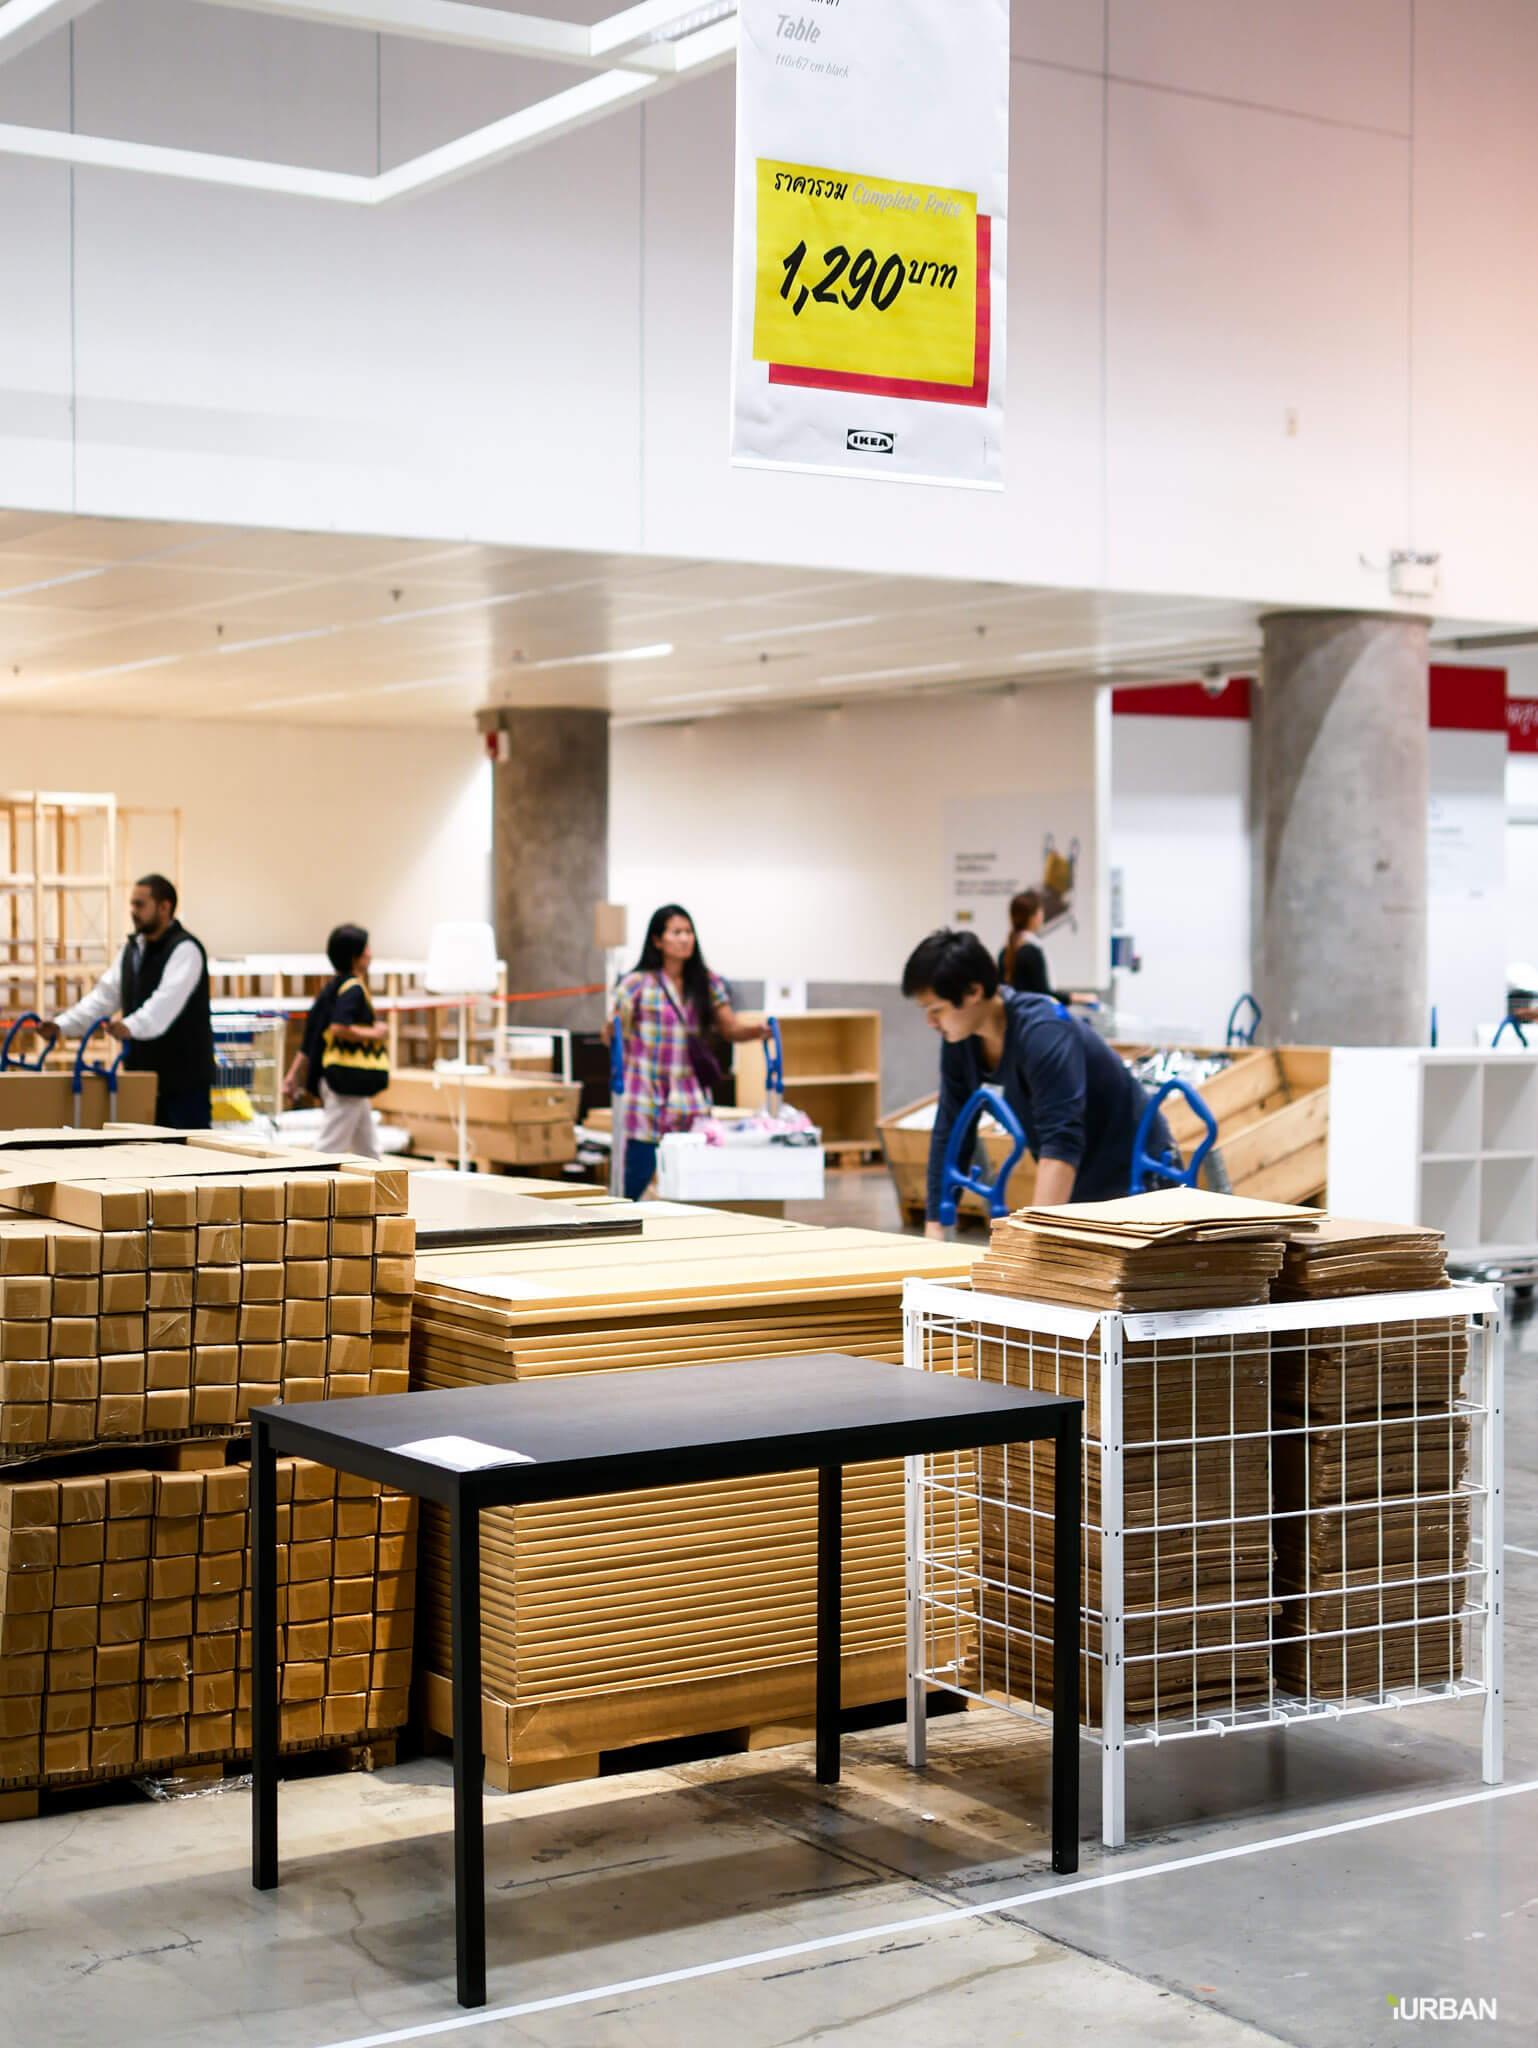 มันเยอะมากกกก!! IKEA Year End SALE 2017 รวมของเซลในอิเกีย ลดเยอะ ลดแหลก รีบพุ่งตัวไป วันนี้ - 7 มกราคม 61 40 - IKEA (อิเกีย)